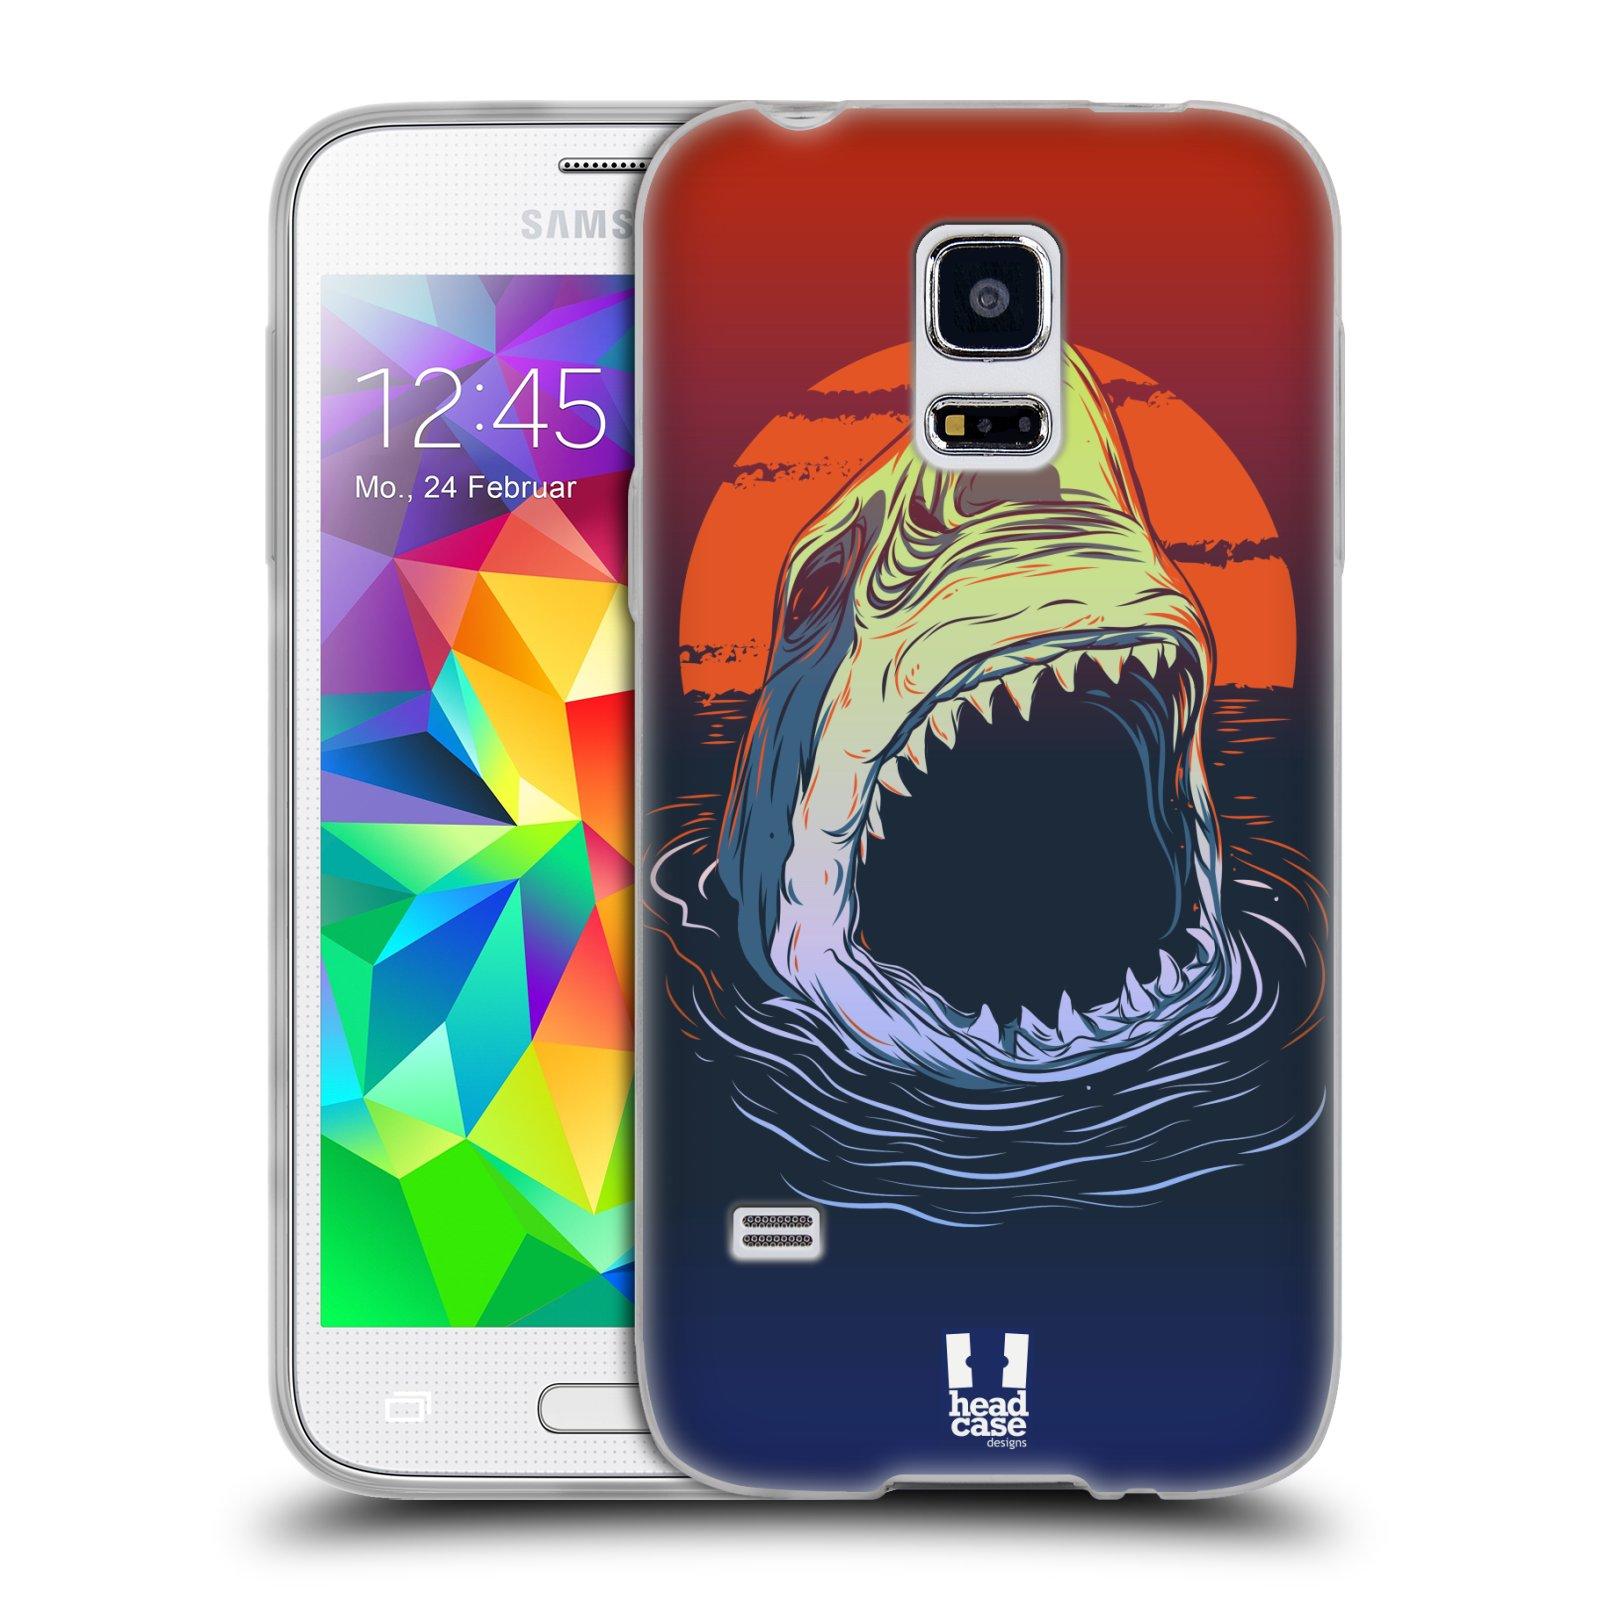 HEAD CASE silikonový obal na mobil Samsung Galaxy S5 MINI vzor mořská monstra žralok